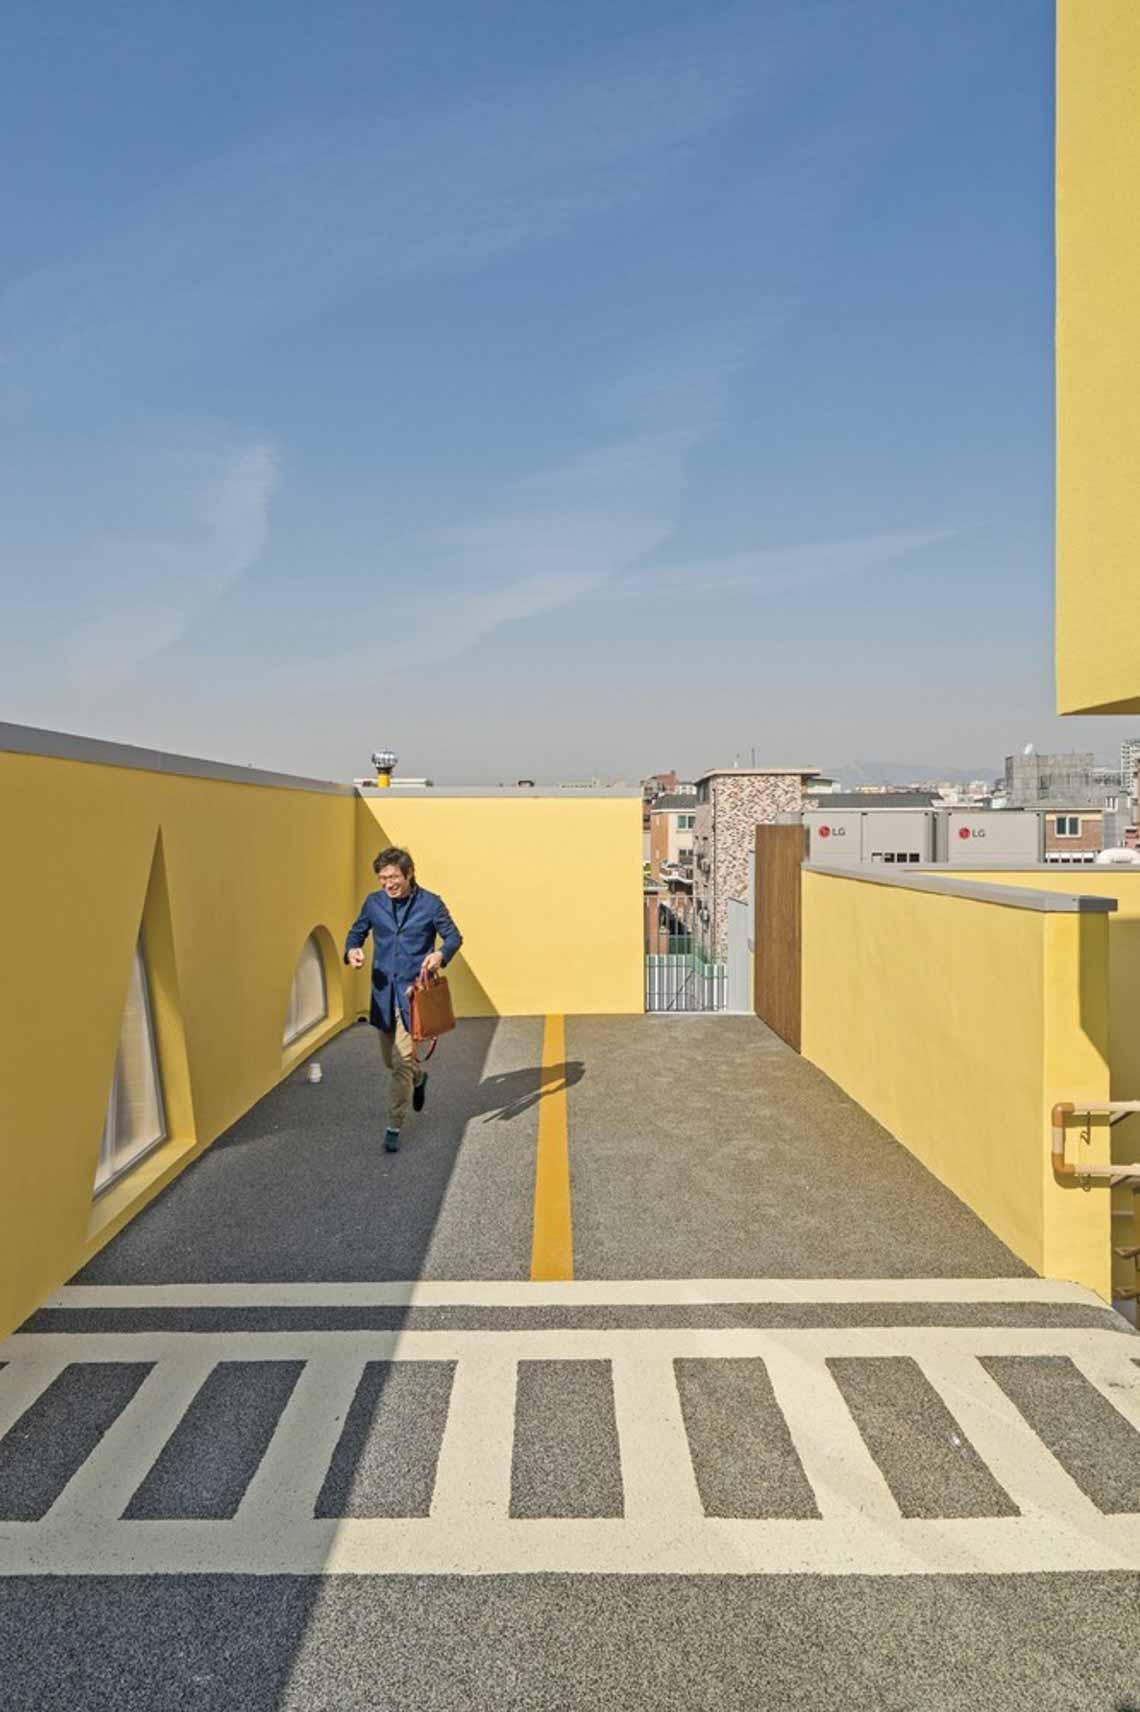 Màu của năm 2021 Pantone: Vàng và xám trong kiến trúc - 38